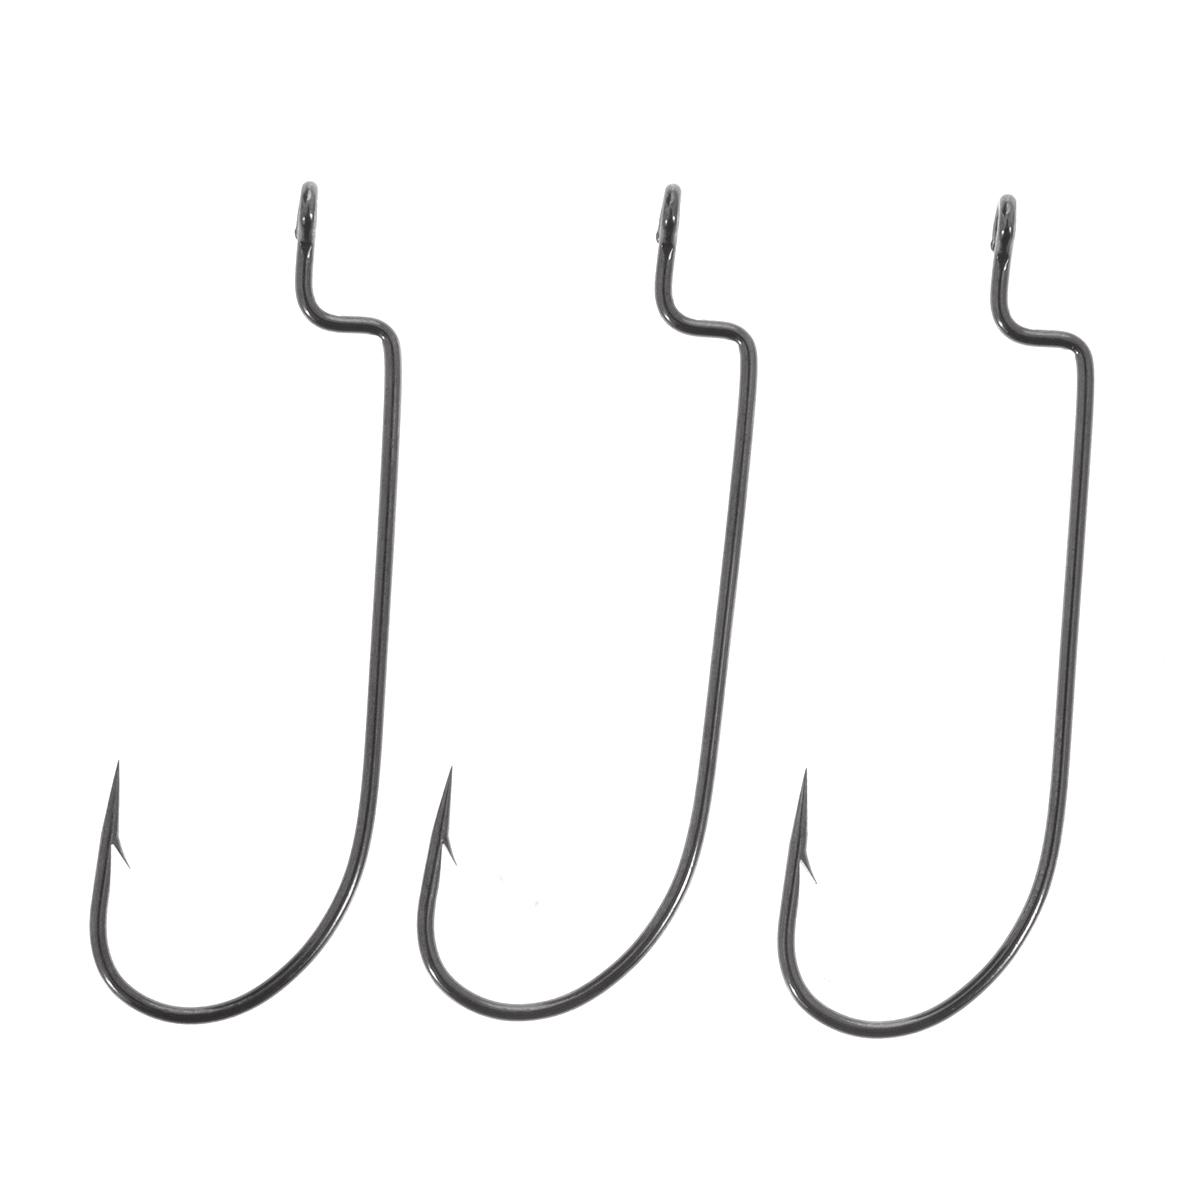 Крючки рыболовные офсетные Cobra L-worm, цвет: черный, размер 3/0, 3 штC1171NSB-010Cobra L-worm - серия классических офсетных крючков, с круглым загибом, прямым удлиненным цевьем с прямоугольной ступенькой. Высокую популярность эта форма крючка, получила из-за простоты оснащения ими всевозможных мягких пластиковых приманок. Крючки имеют темное, очень стойкое, антикоррозийное покрытие и чрезвычайно остры.